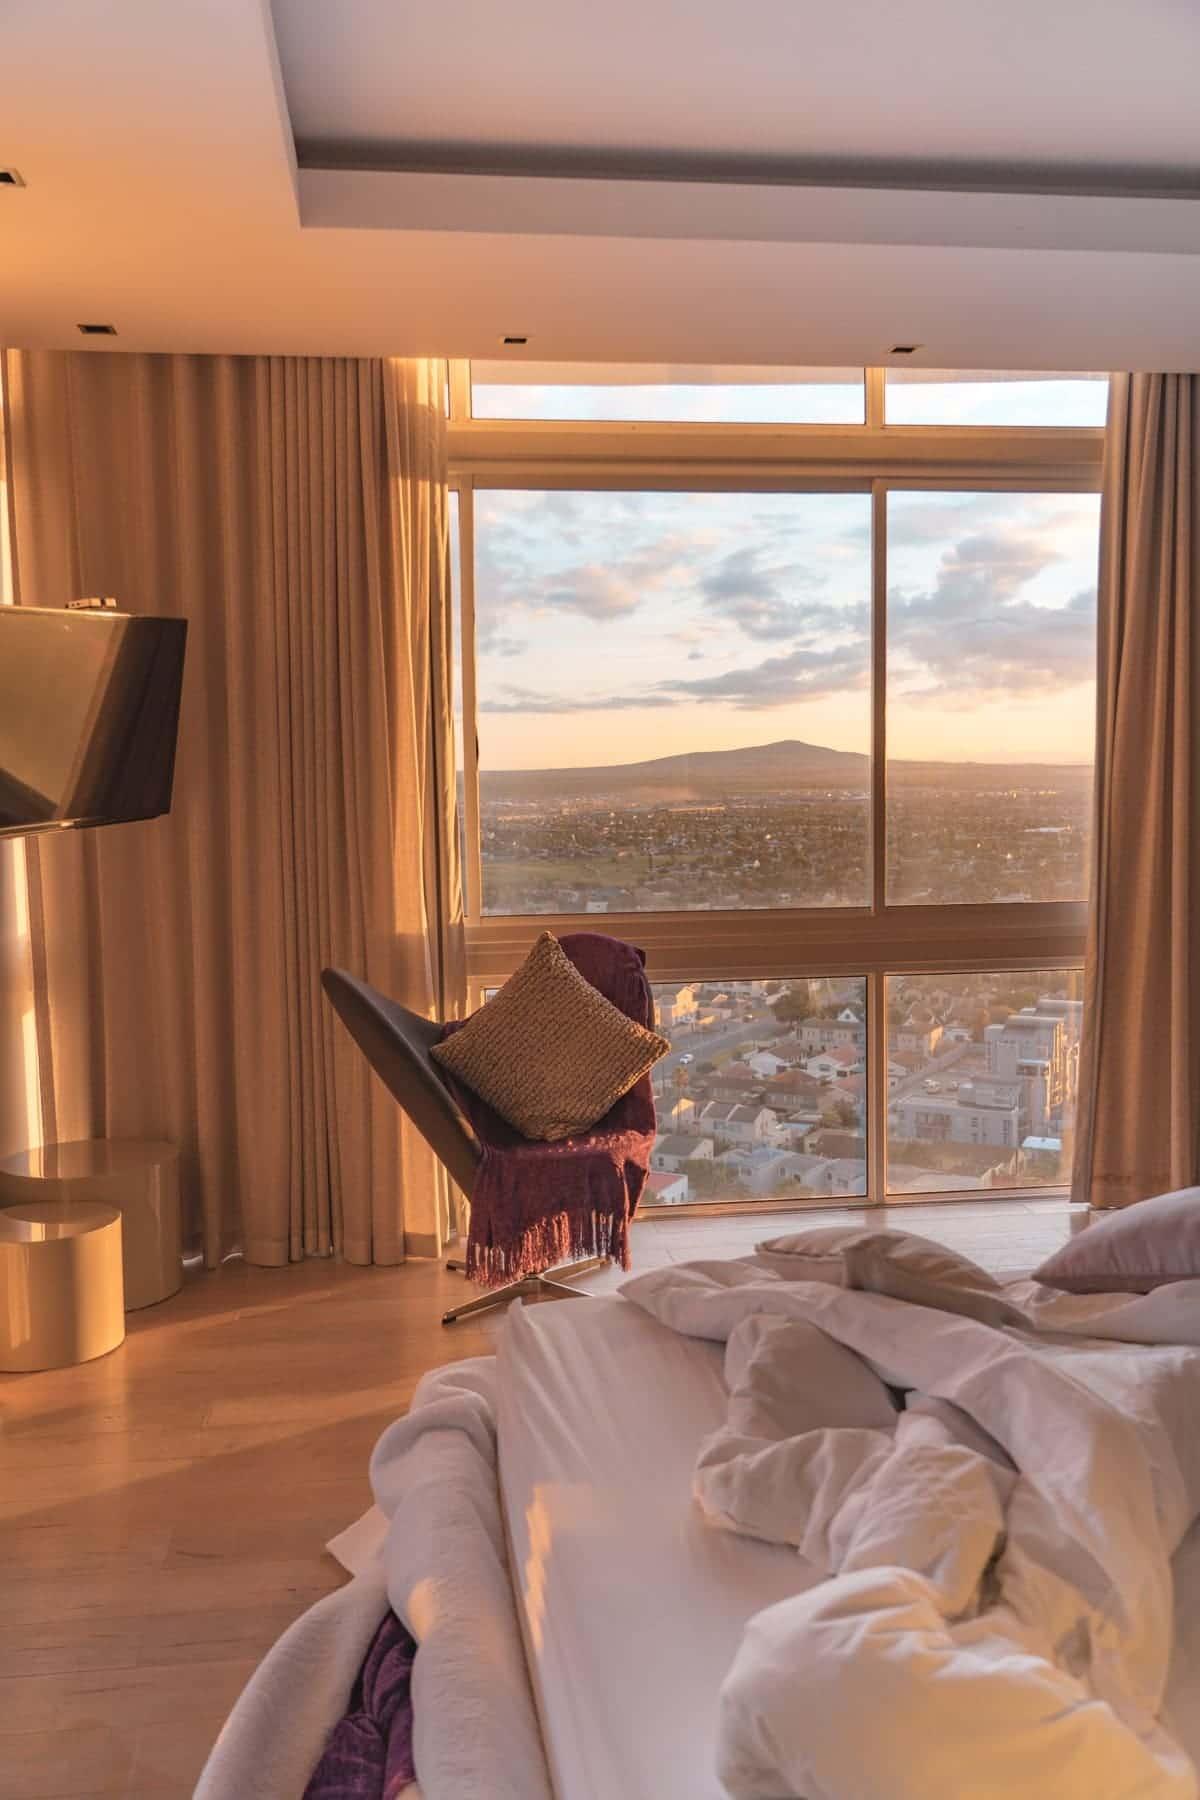 Kapstadt in 72 Stunden - Sehenswürdigkeiten, Restaurants & Insidertipps